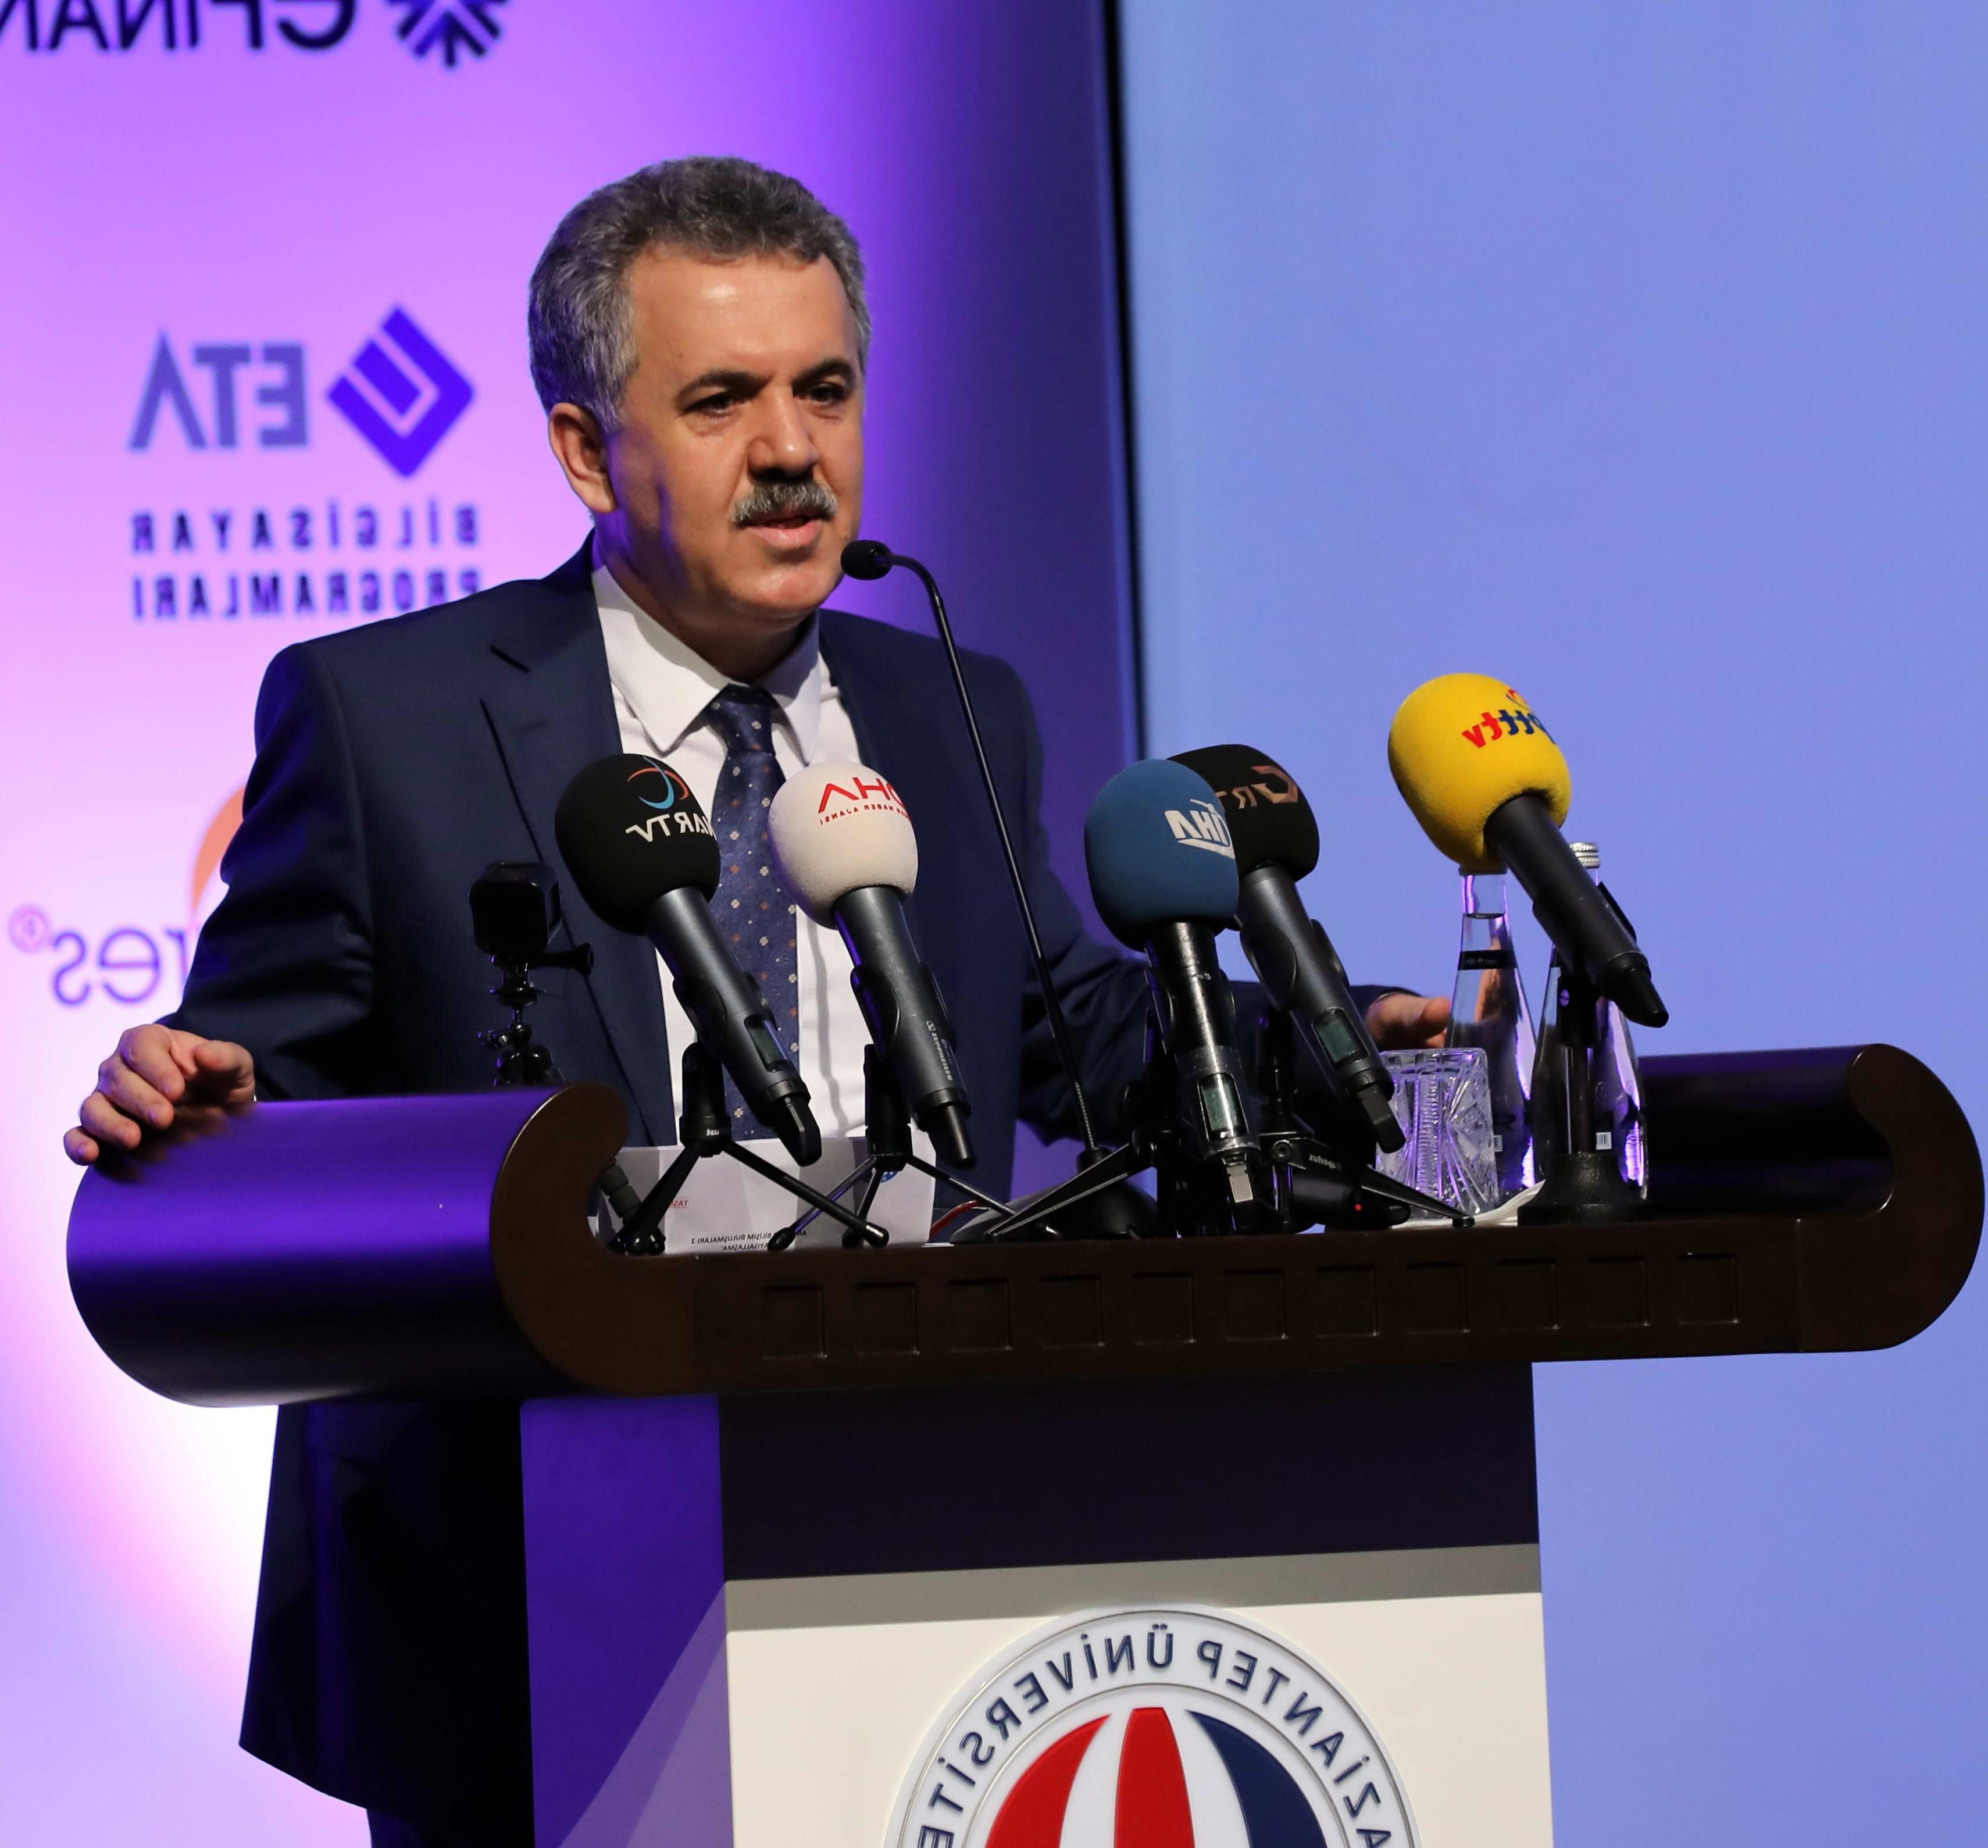 PTT Genel Müdür Yardımcısı Yusuf Canpolat